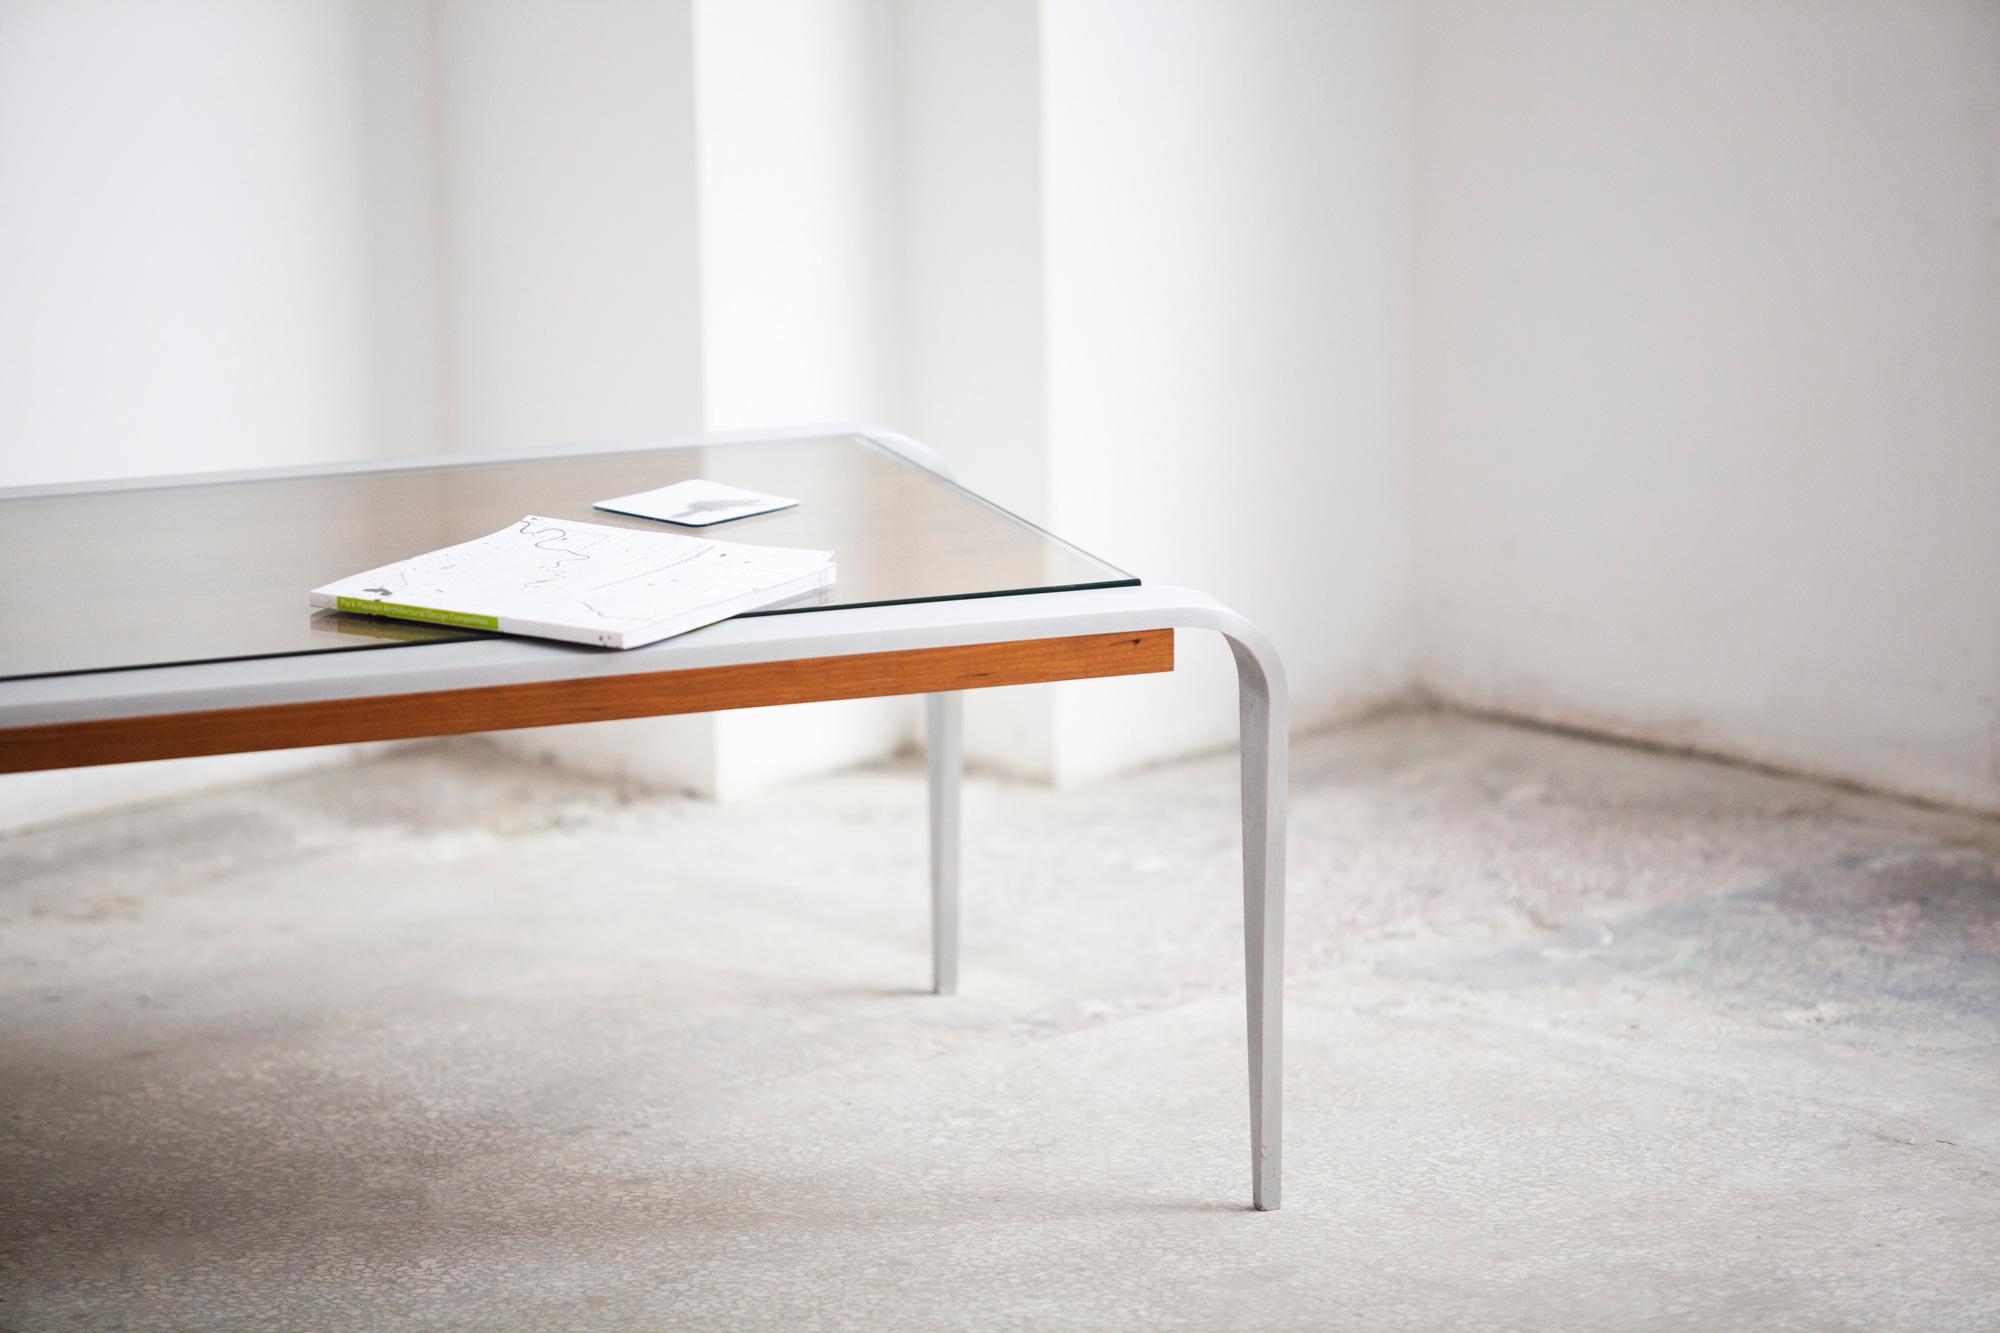 table-whitemoose-11172015.jpg